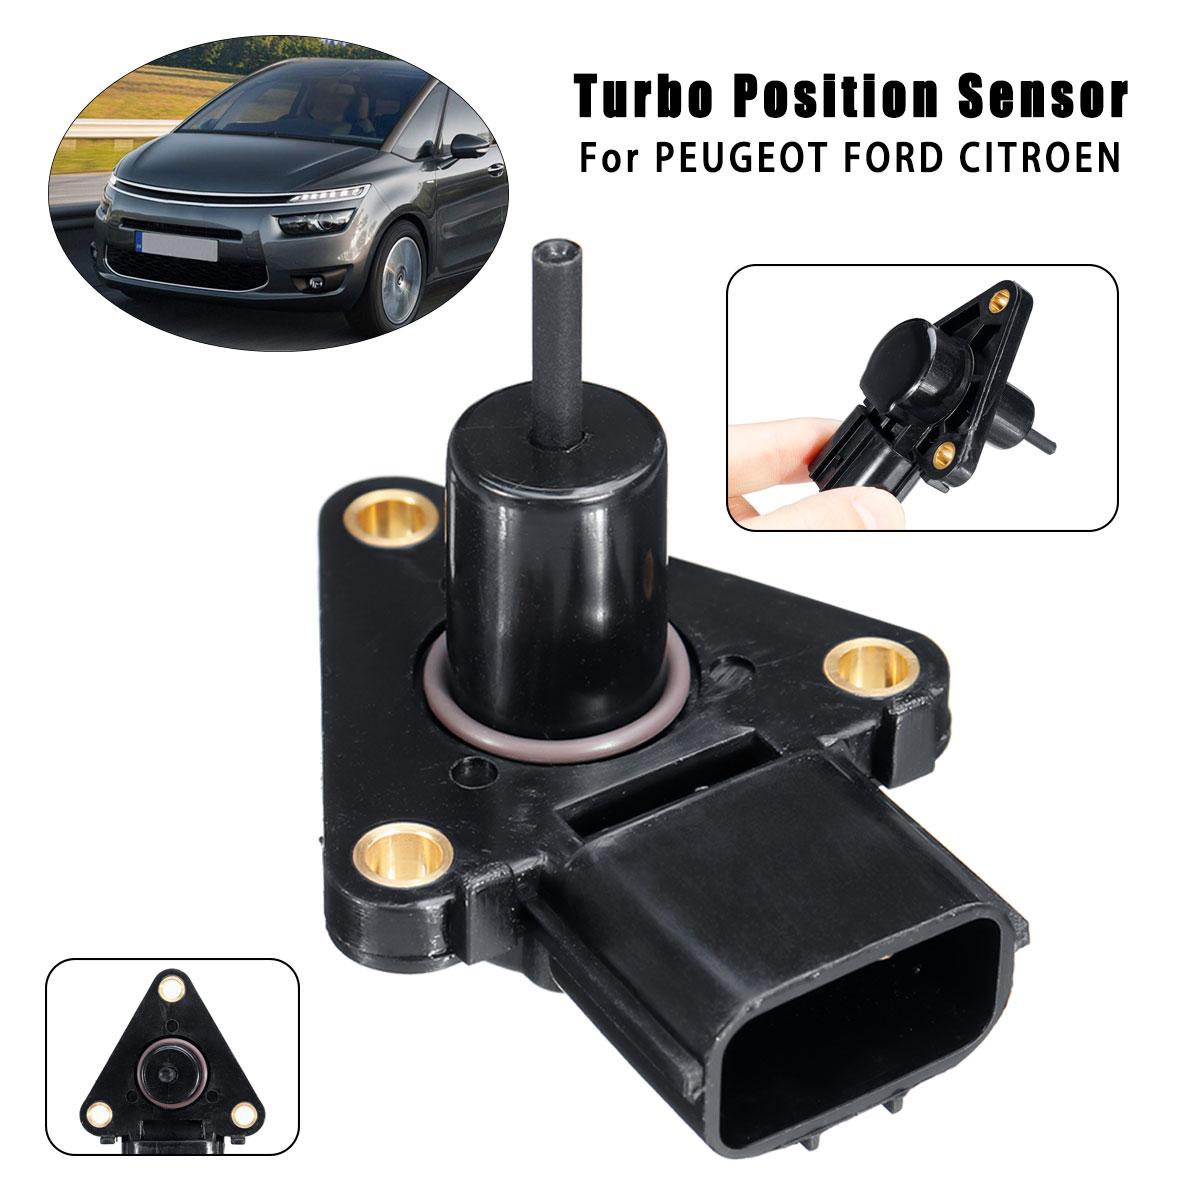 Turbo Charger Actuator Position Sensor For Peugeot /Ford /Citroen 0375K1 0375K8